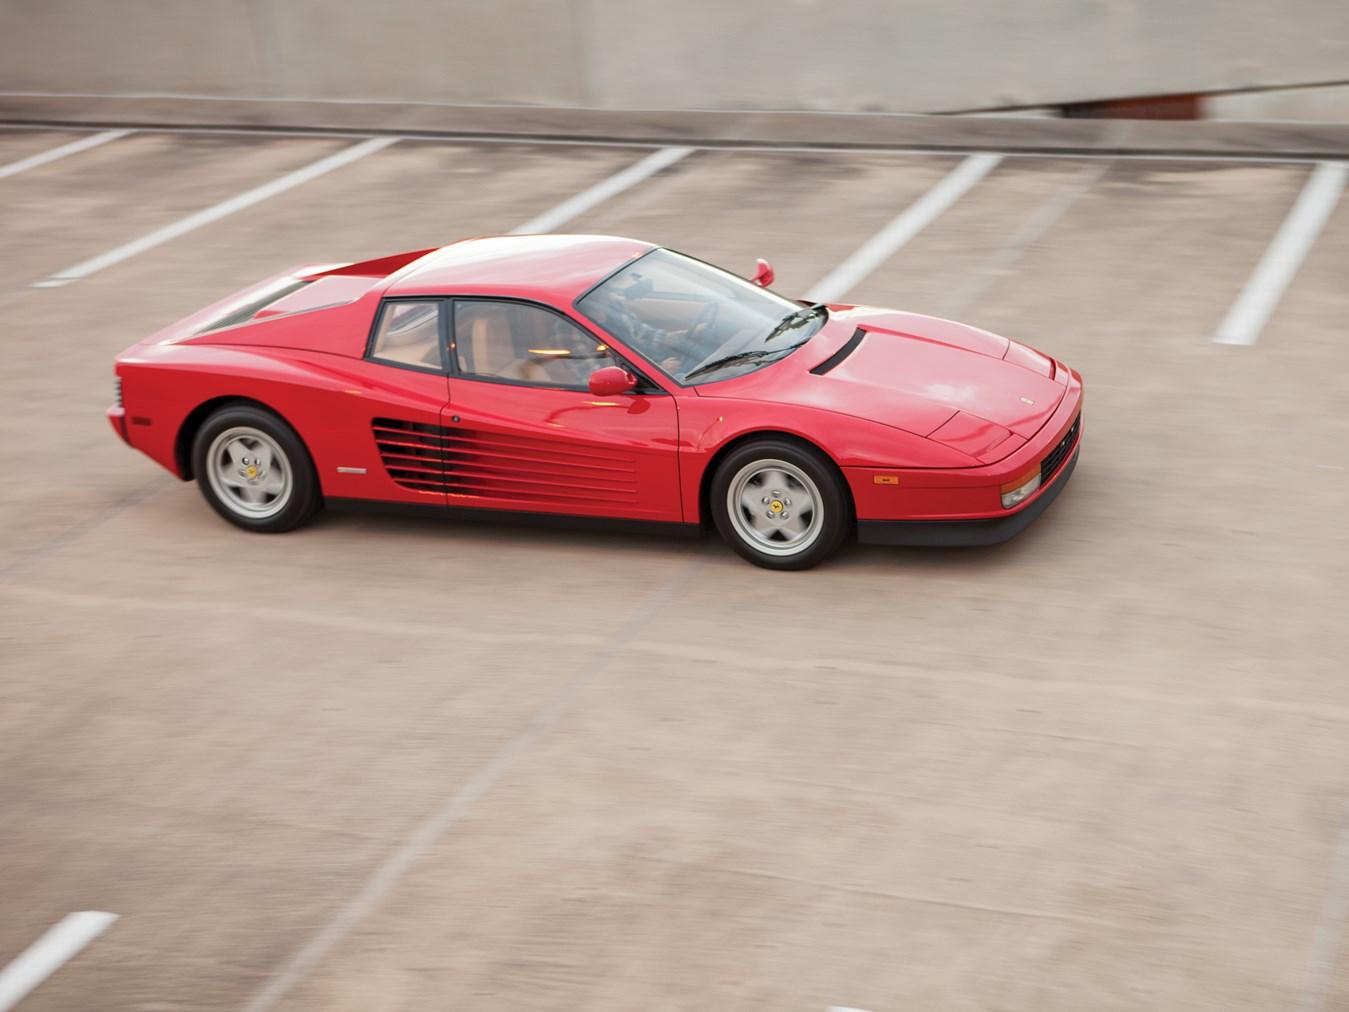 red 1988½ Ferrari Testarossa high front 3/4